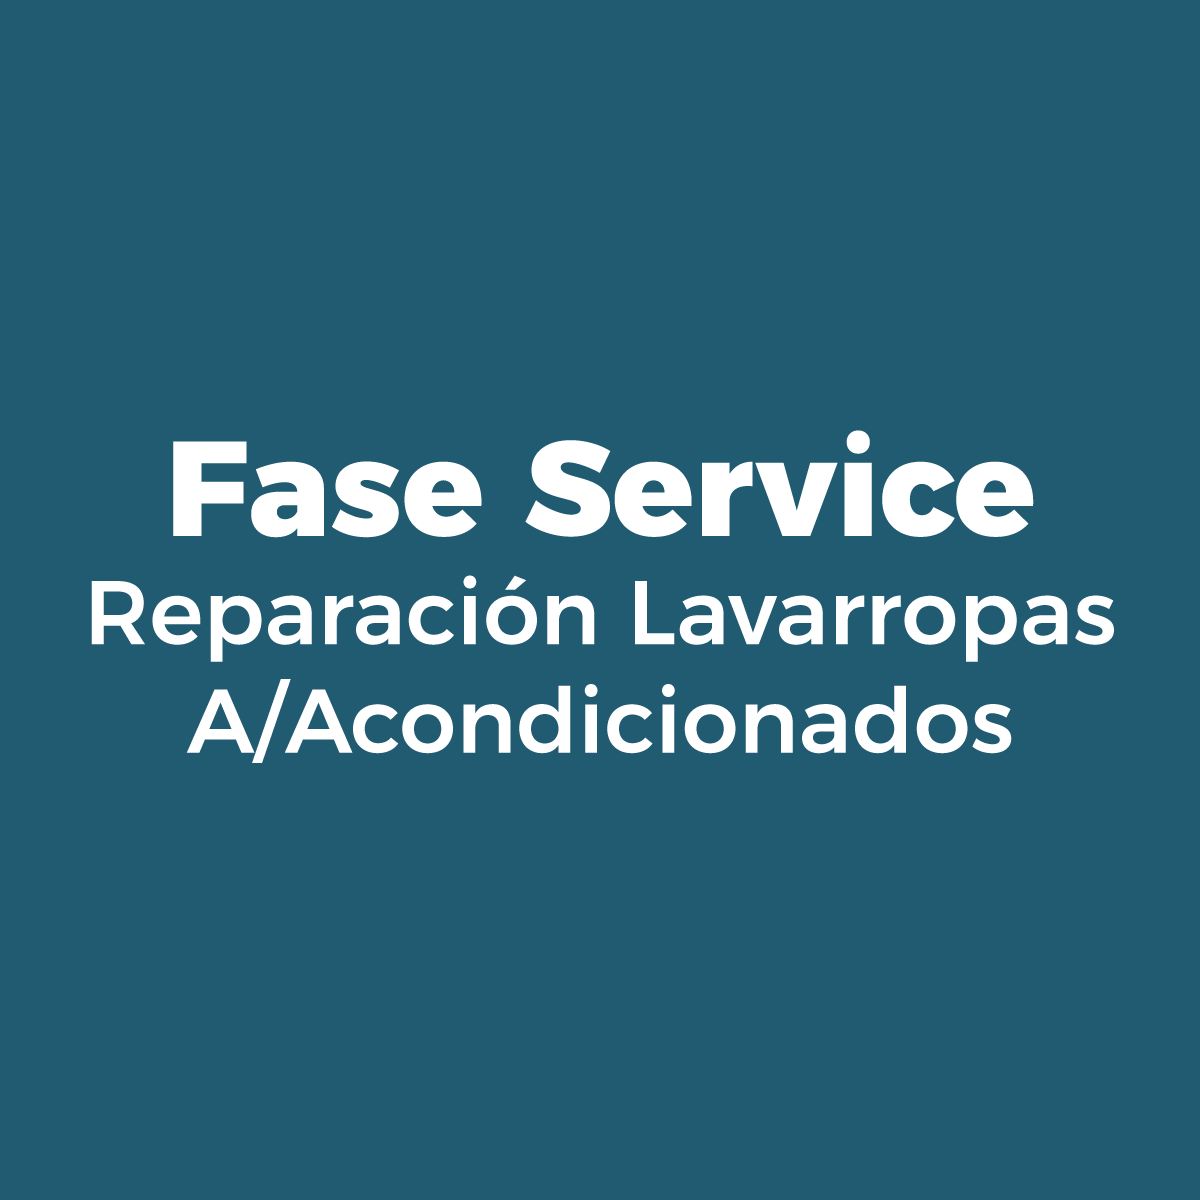 FASE SERVICE - REPARACION LAVARROPAS - A/ACONDICIONADOS